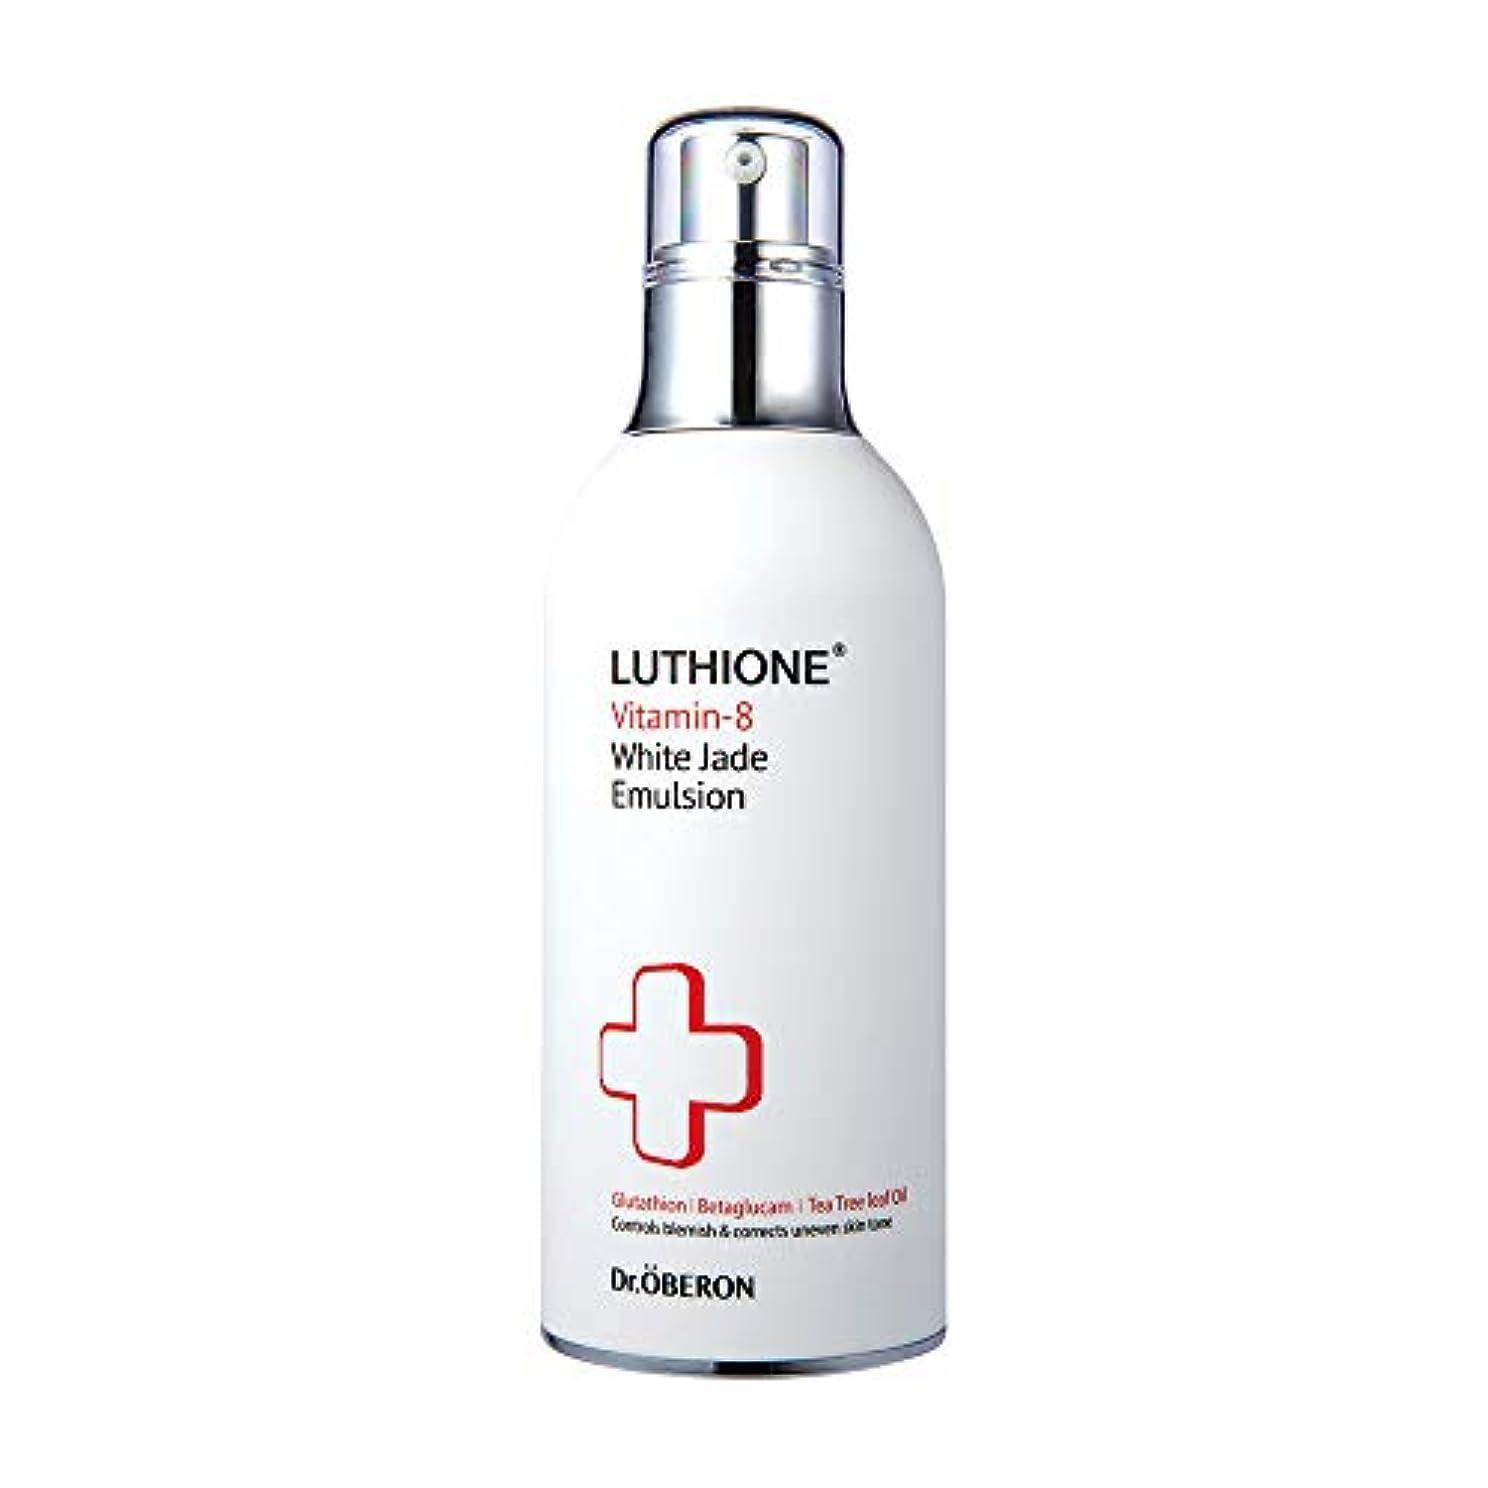 風邪をひく探検限り[Luthione] ルチオン ビタミン-8 白玉 エマルジョン 3.5 oz Vitamin-8 White Jade Emulsion 3.5 oz - Hydrating Moisturizer Lightening Boost Skin Toner with 8 Vitamins and Glutathione Korean Skin Care